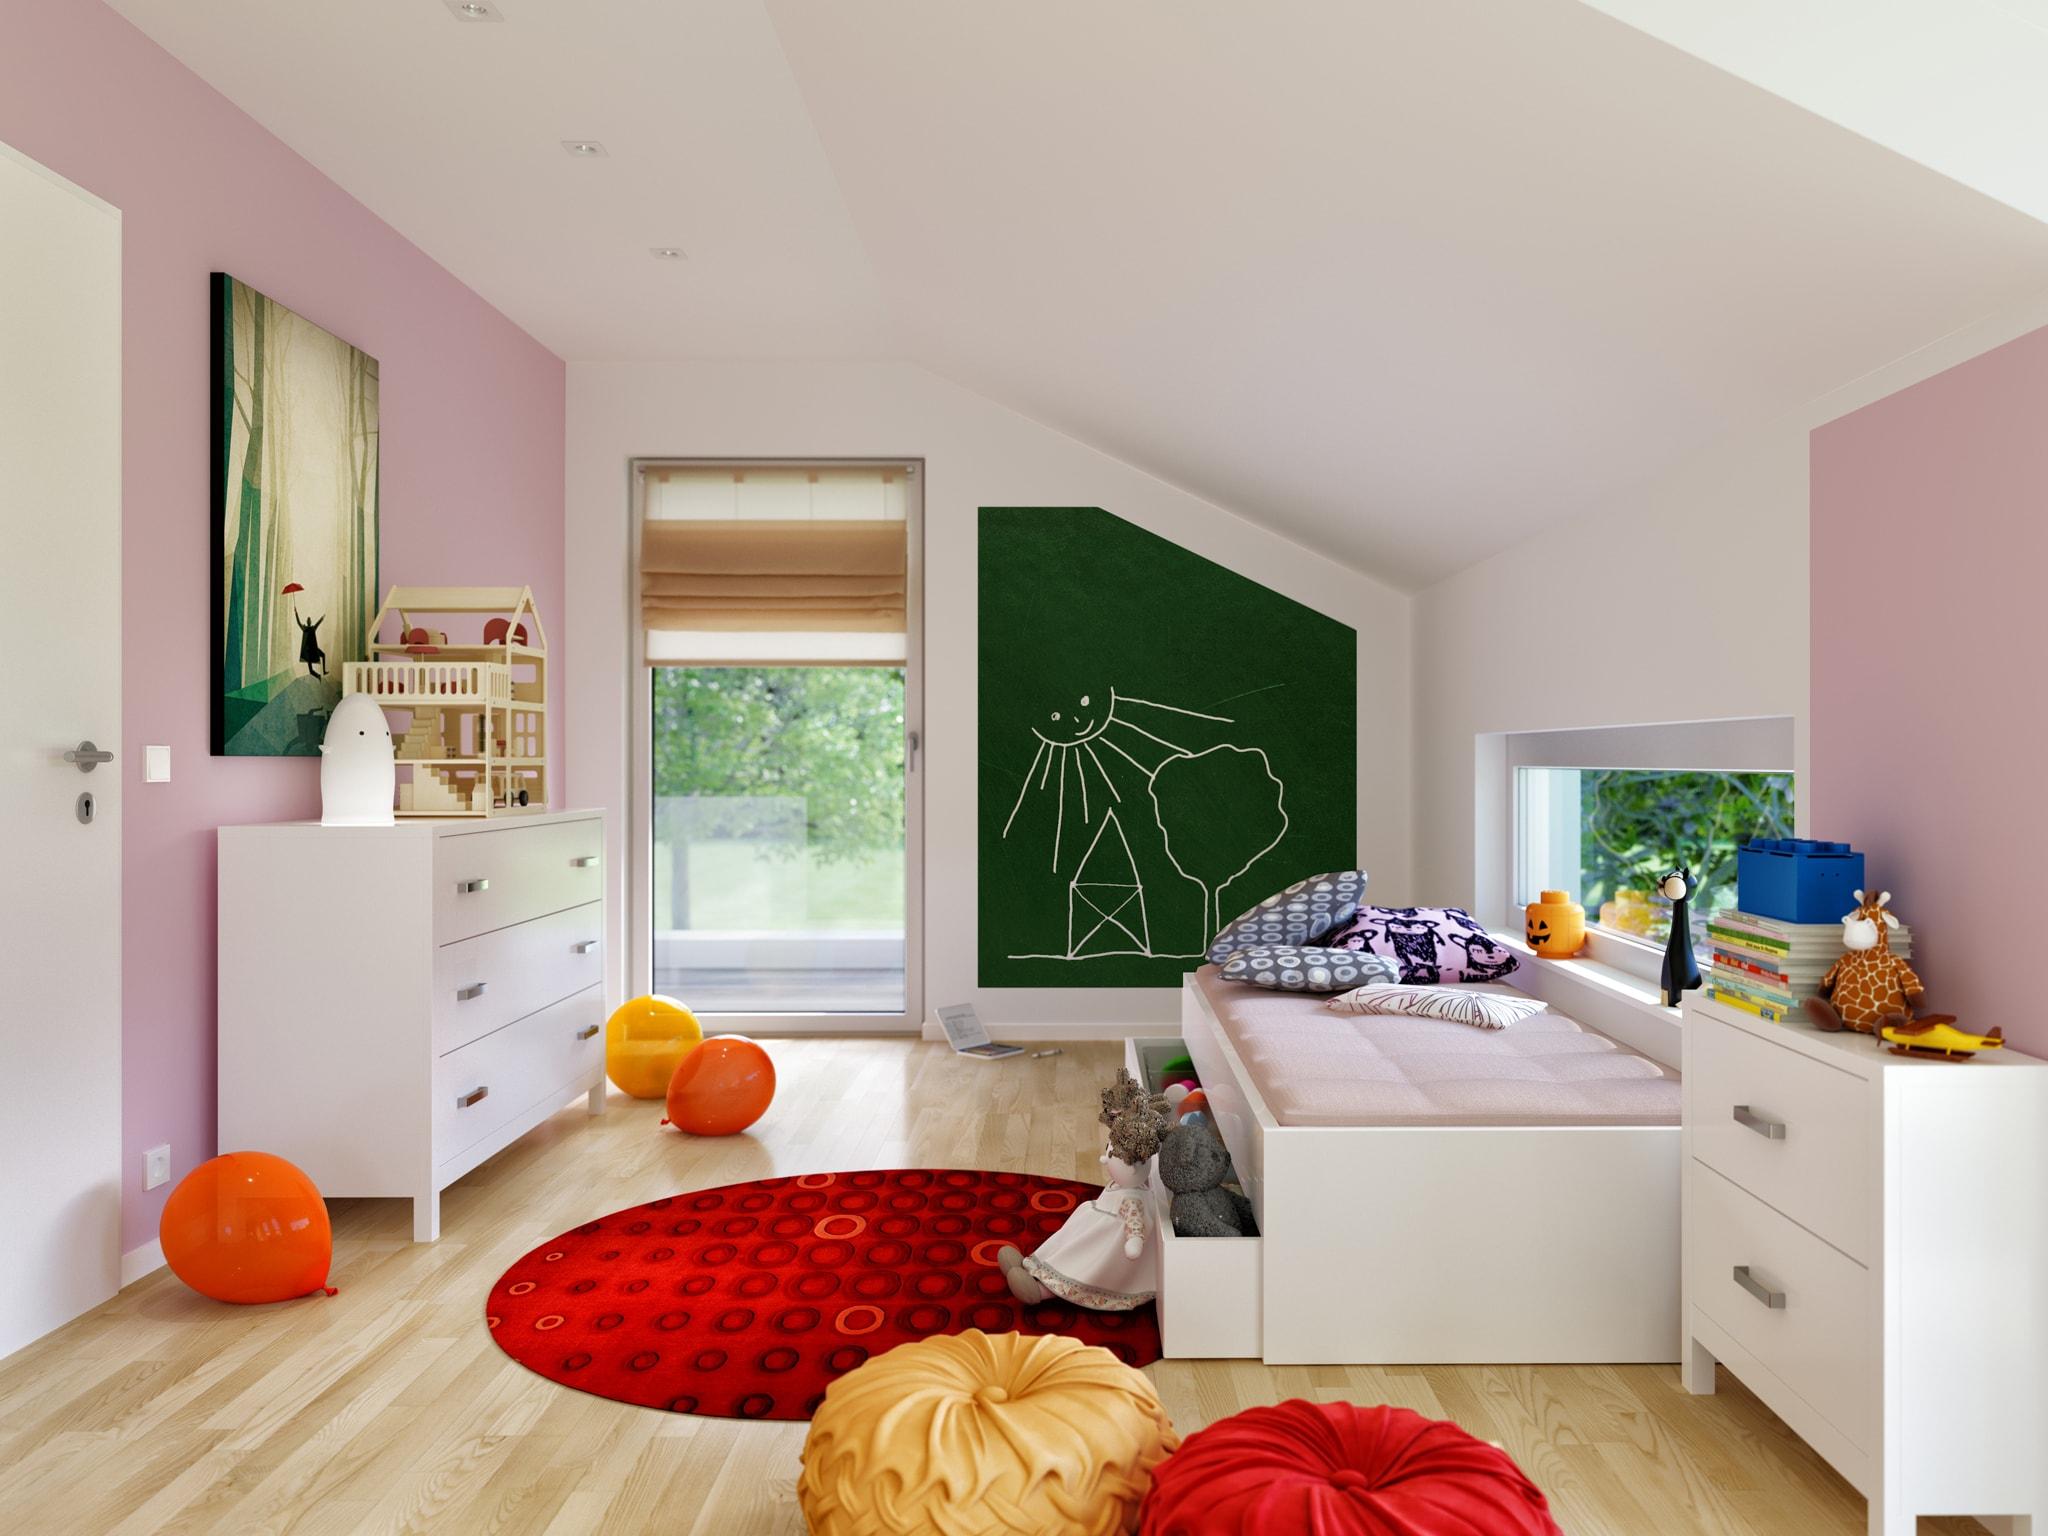 Kinderzimmer Ideen - Haus Inneneinrichtung Bien Zenker Fertighaus FANTASTIC 162 V5 - HausbauDirekt.de